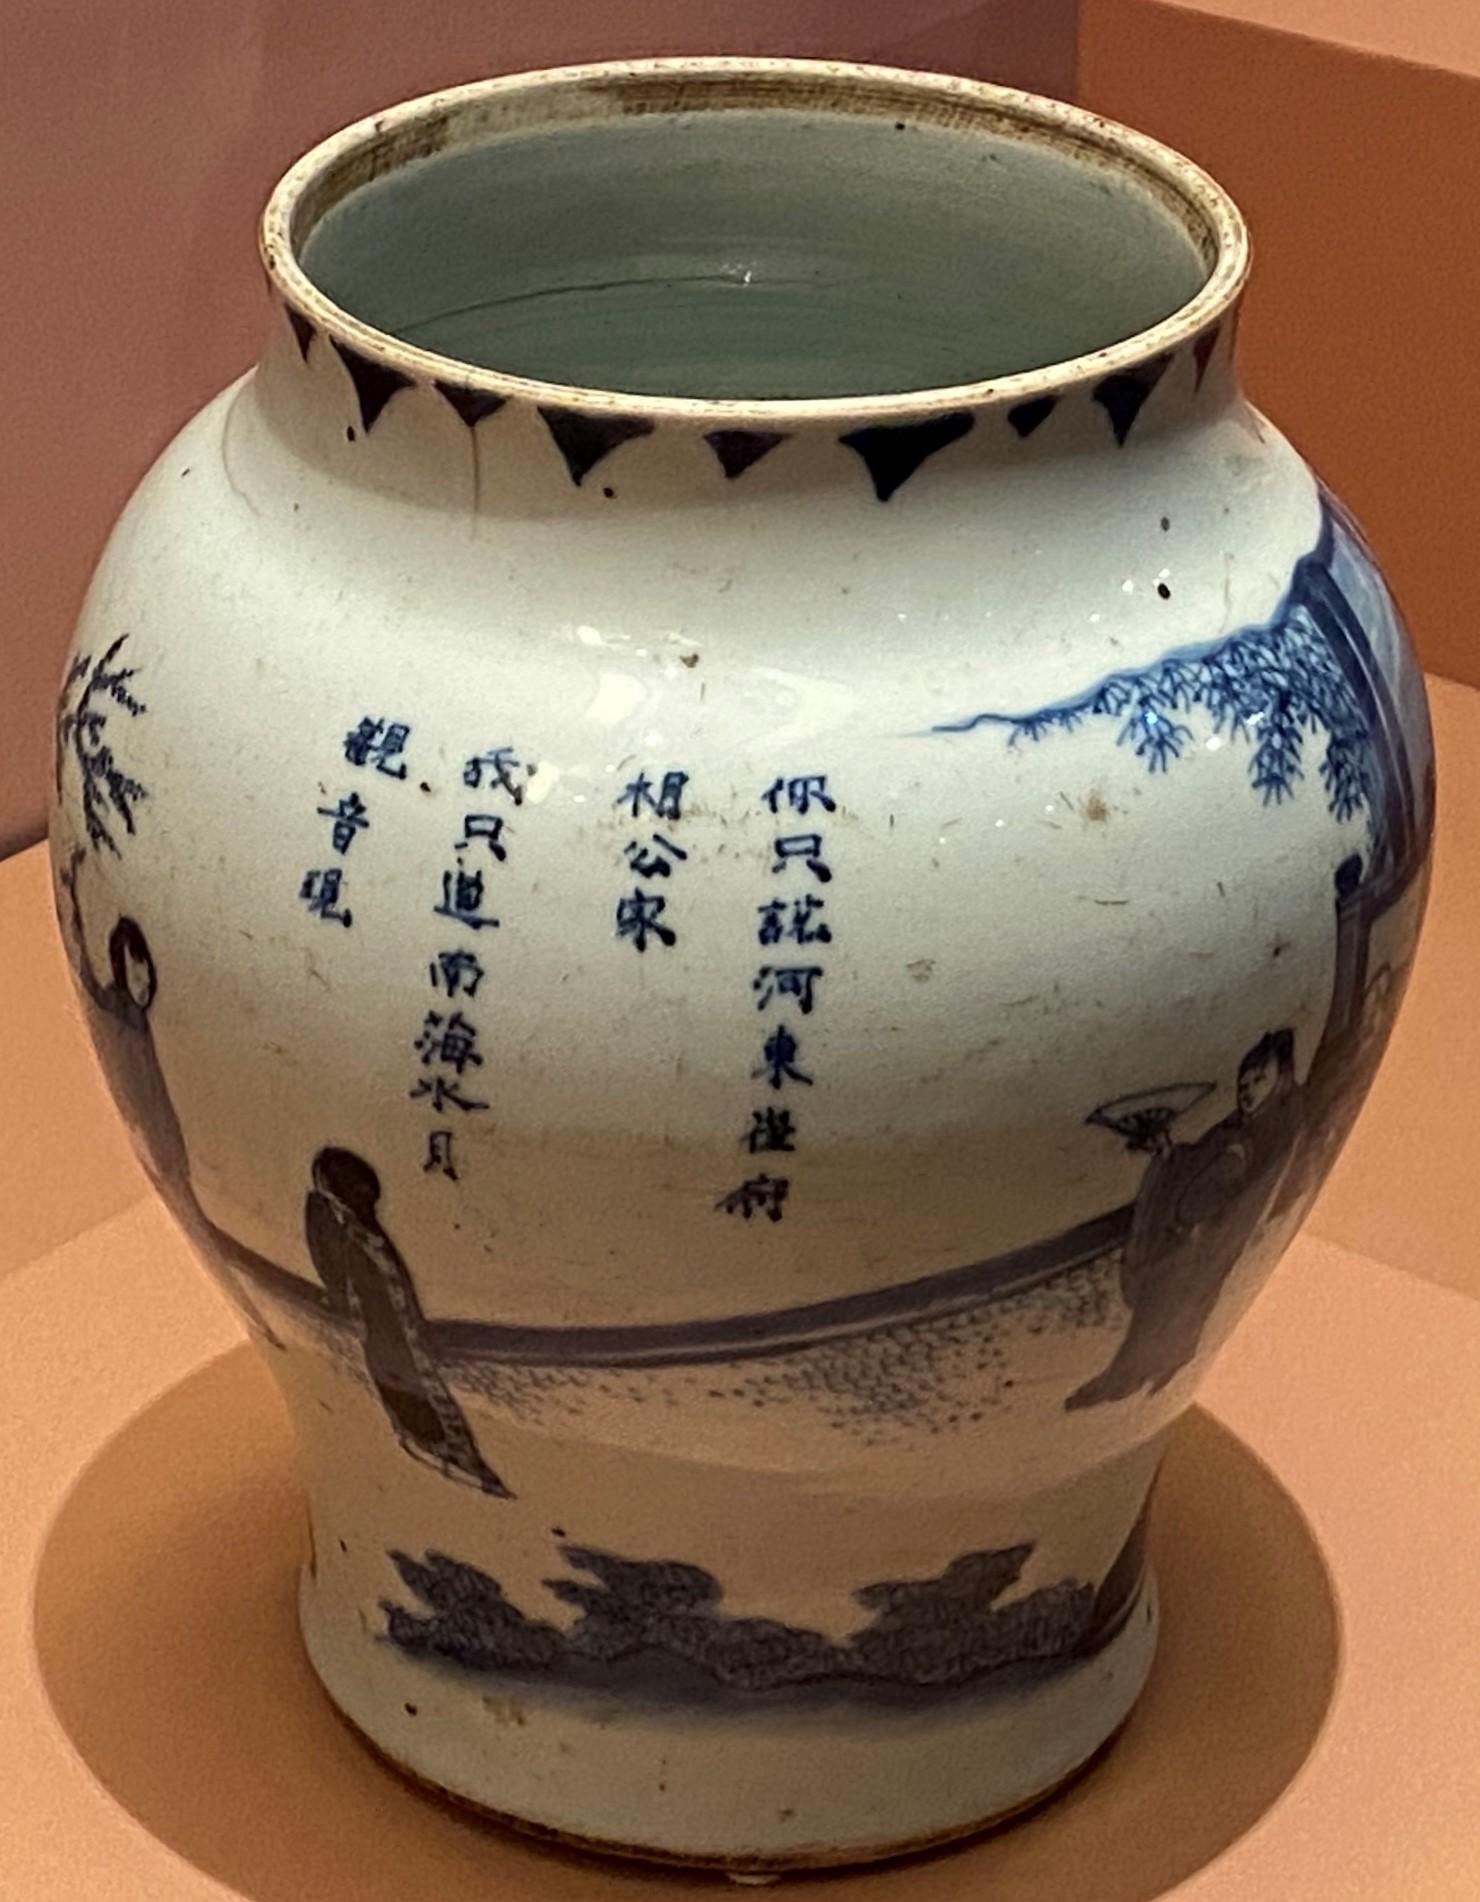 崇禎青花西廂記物語図罐-明時代-特別展【食味人間】四川博物院・中国国家博物館